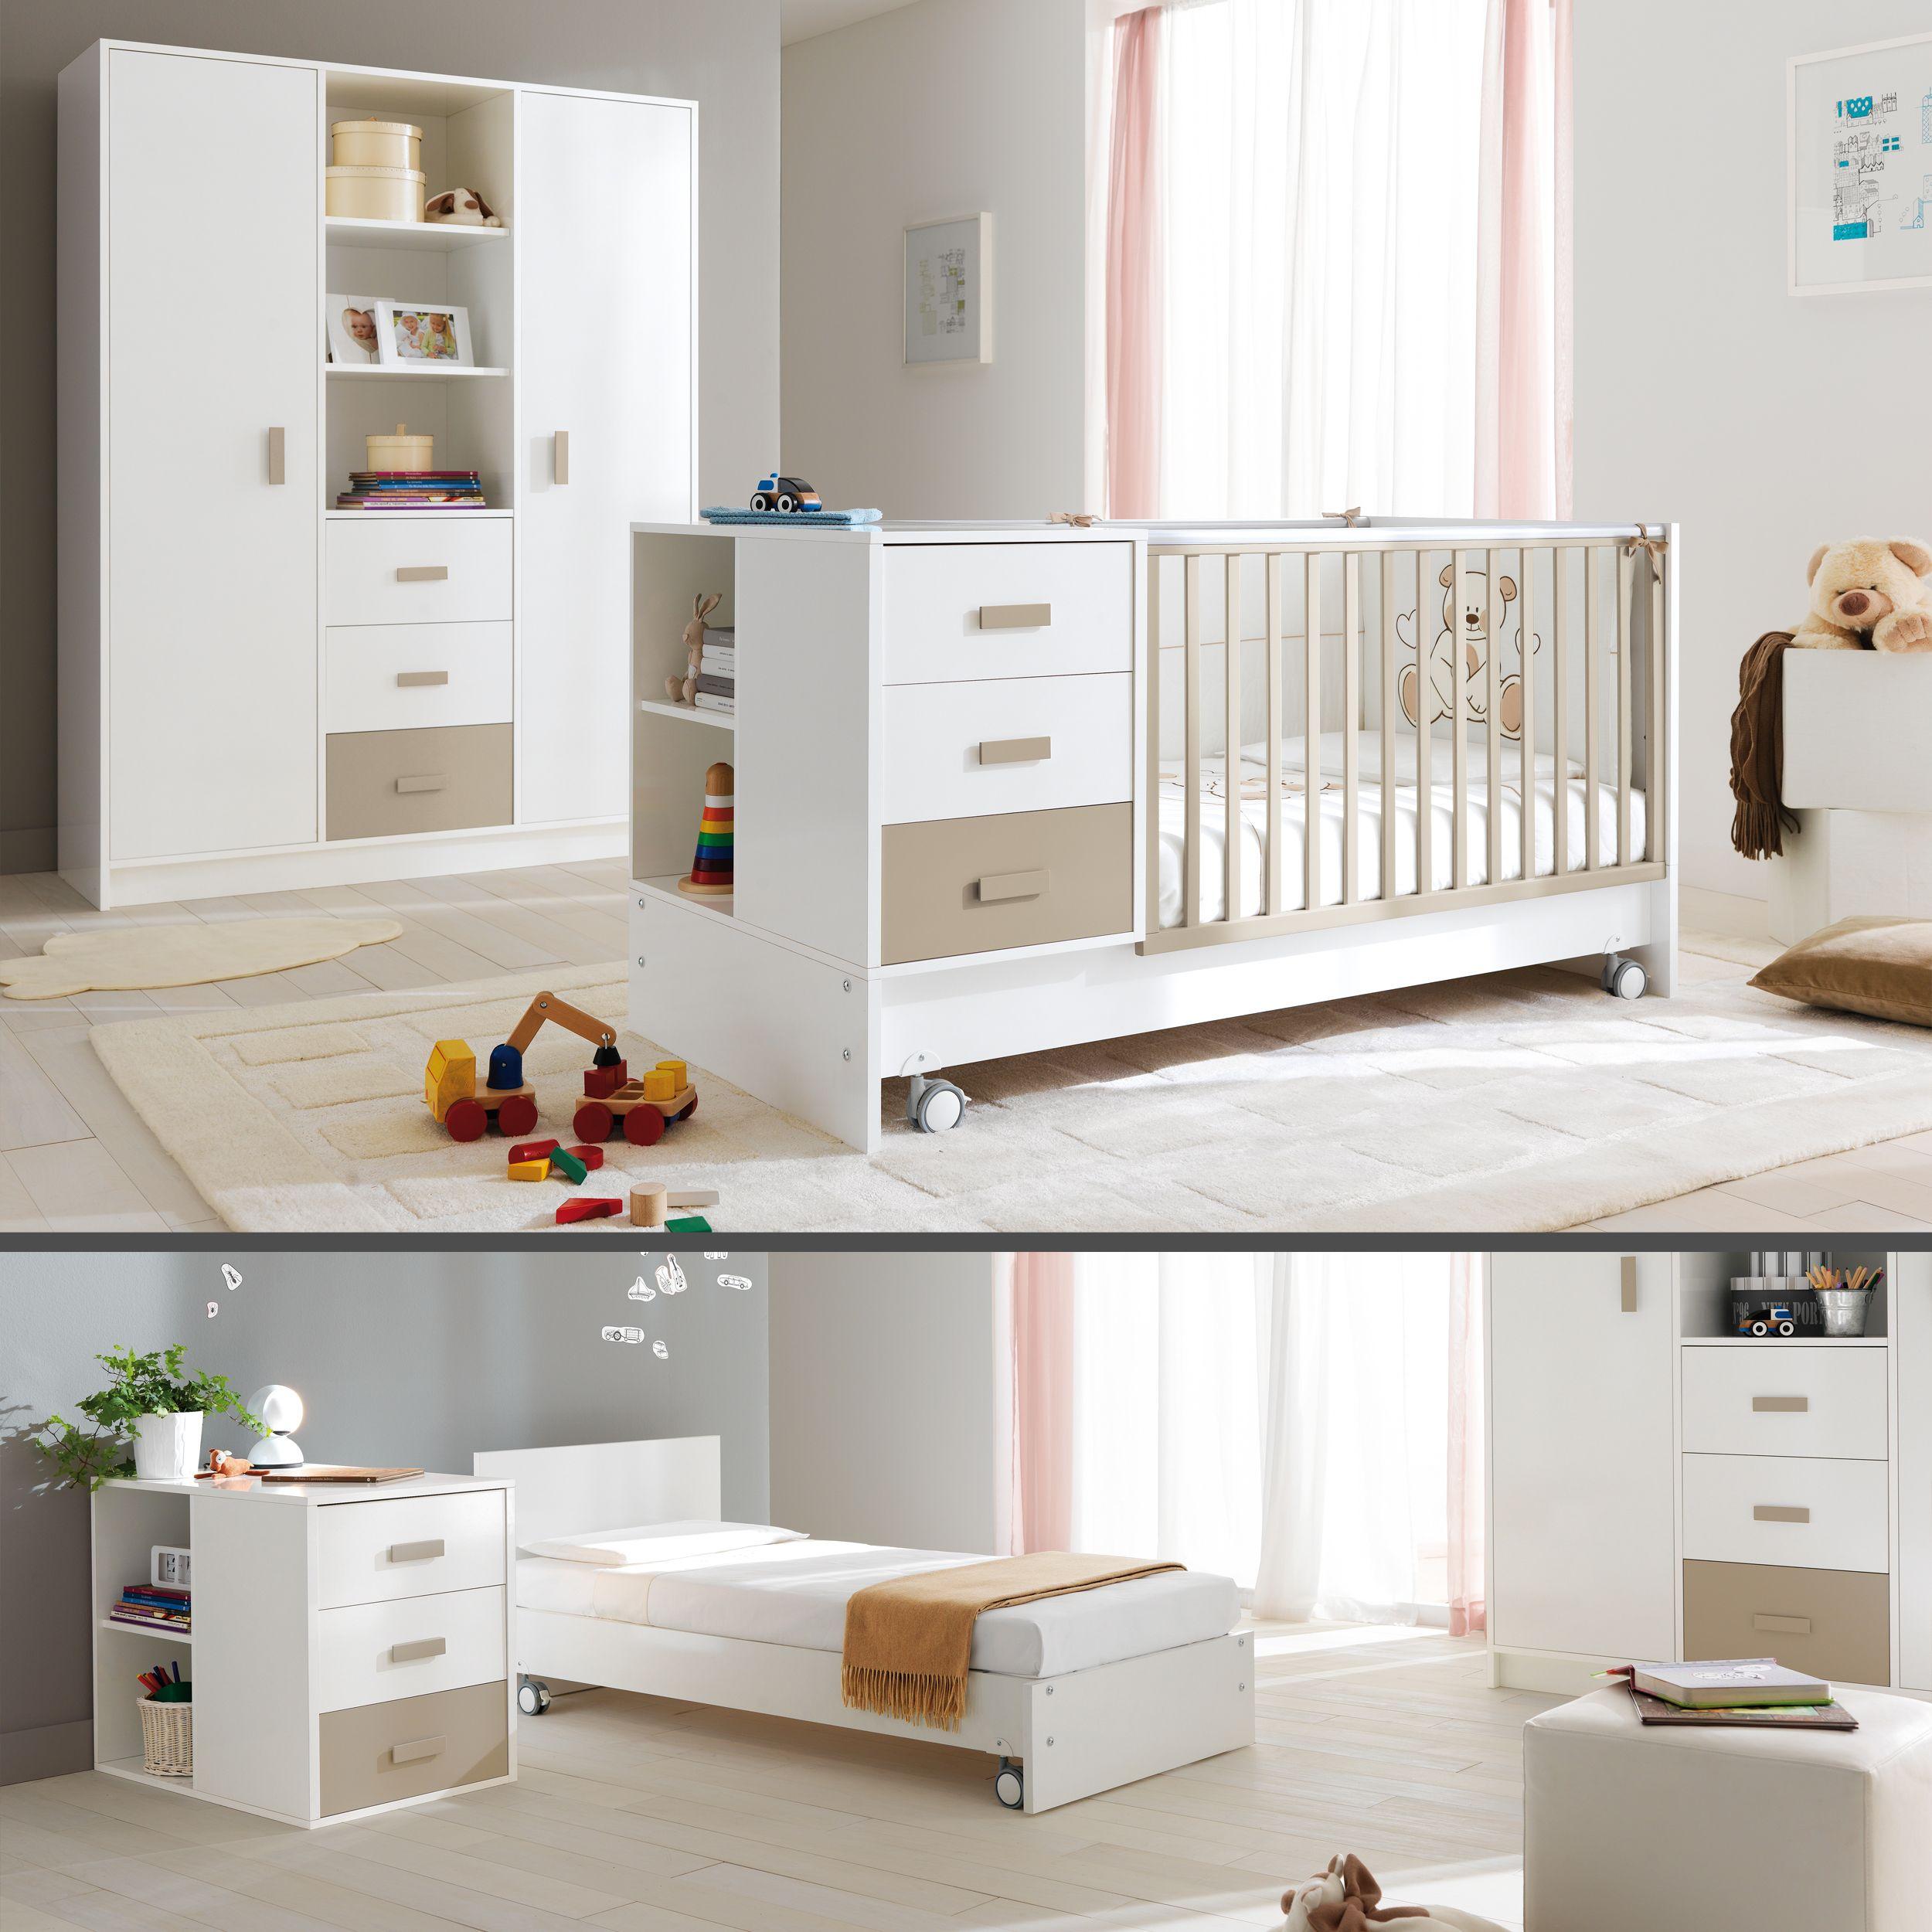 Babybett Modern baby umbaubett modern style das babybett kann später zu einem